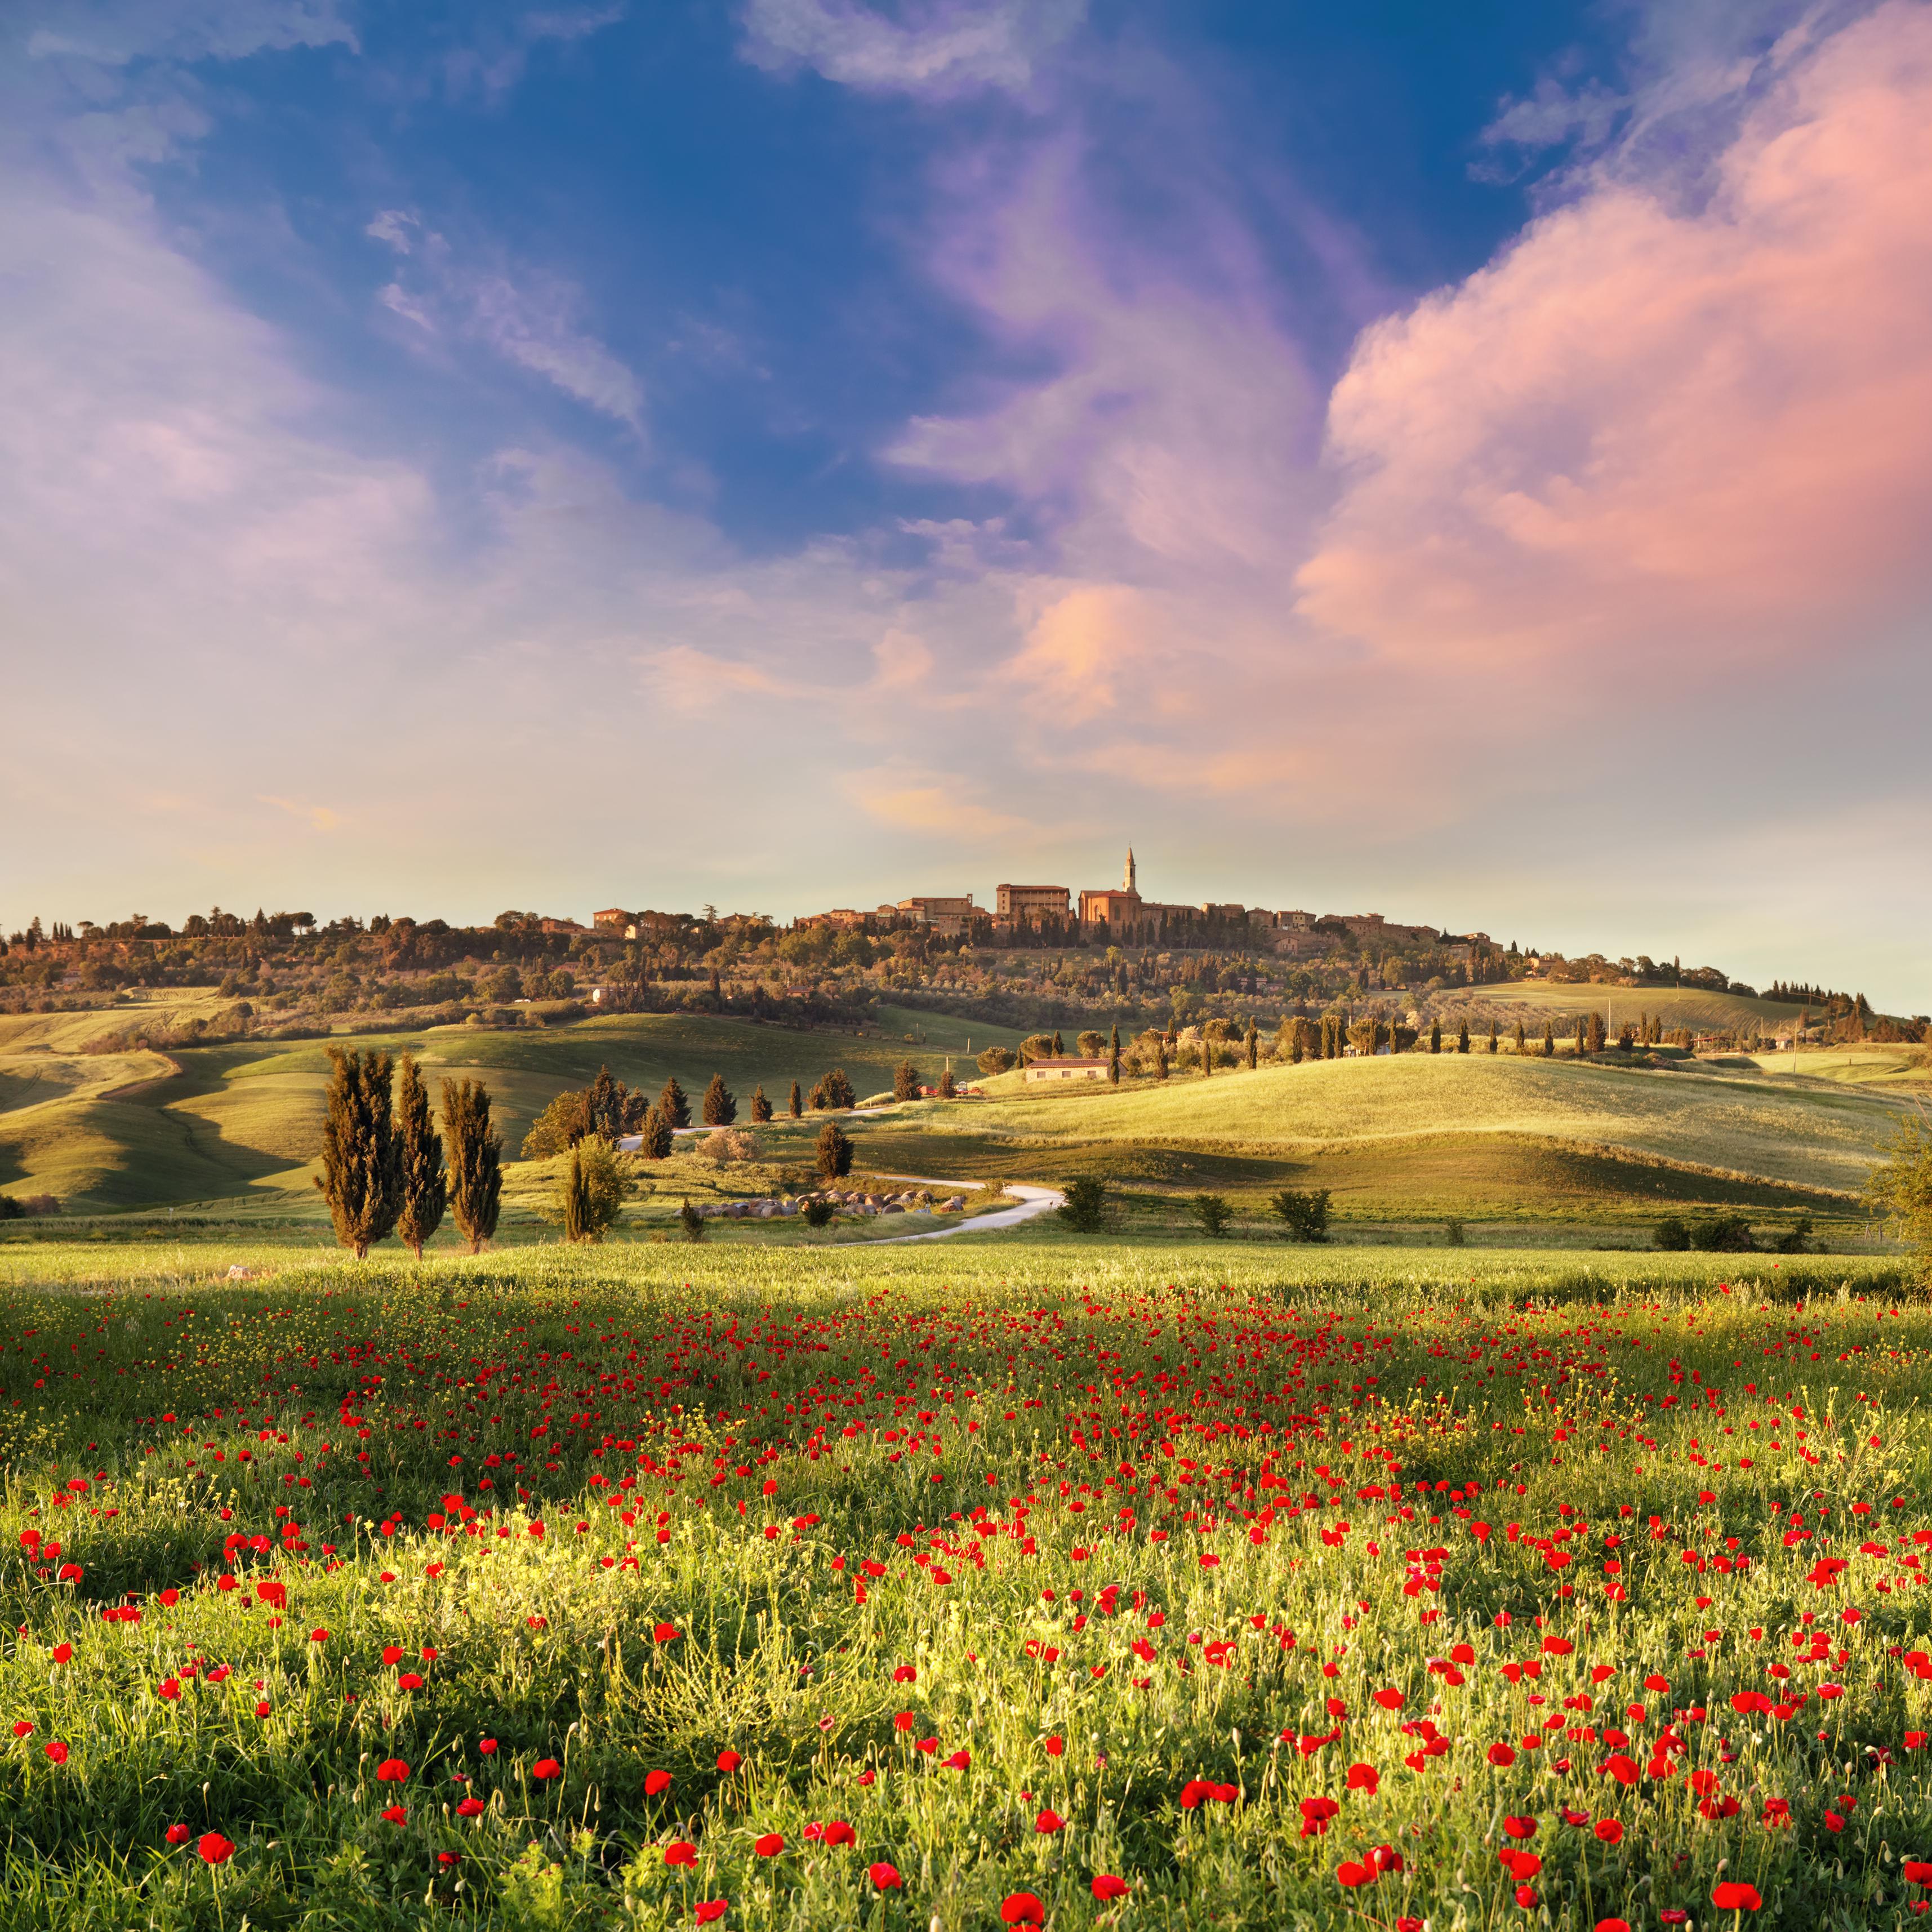 Campo de papoula na Toscana, ao por do sol